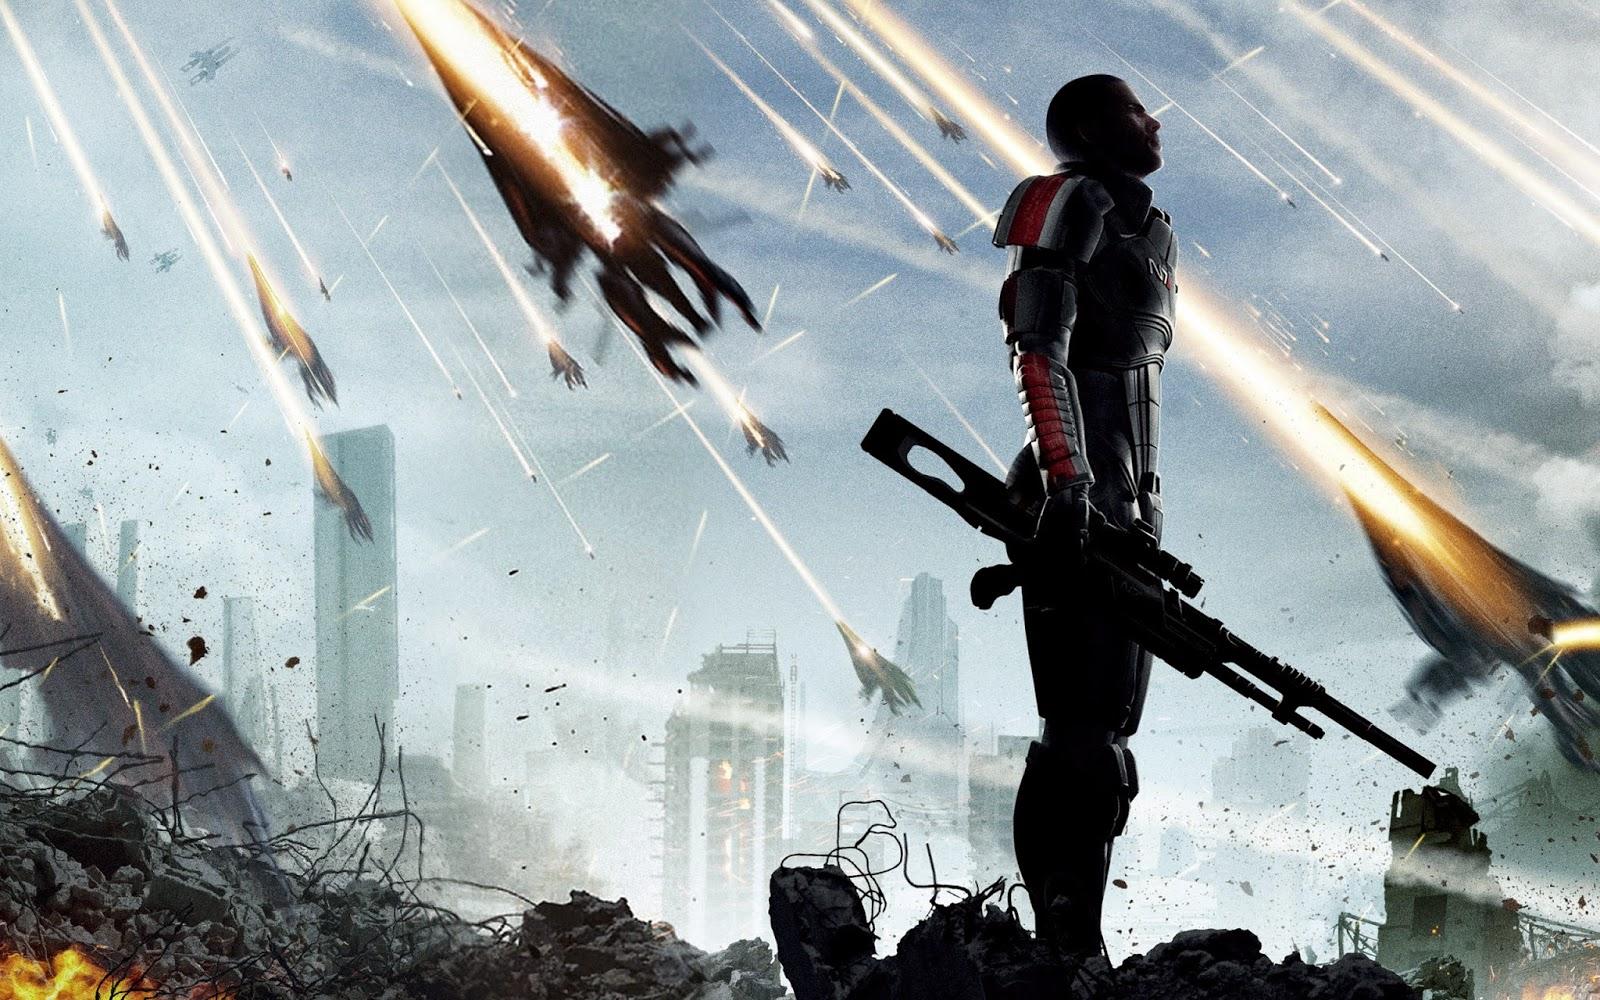 Possível imagem teaser promocional de Mass Effect 4 revelada